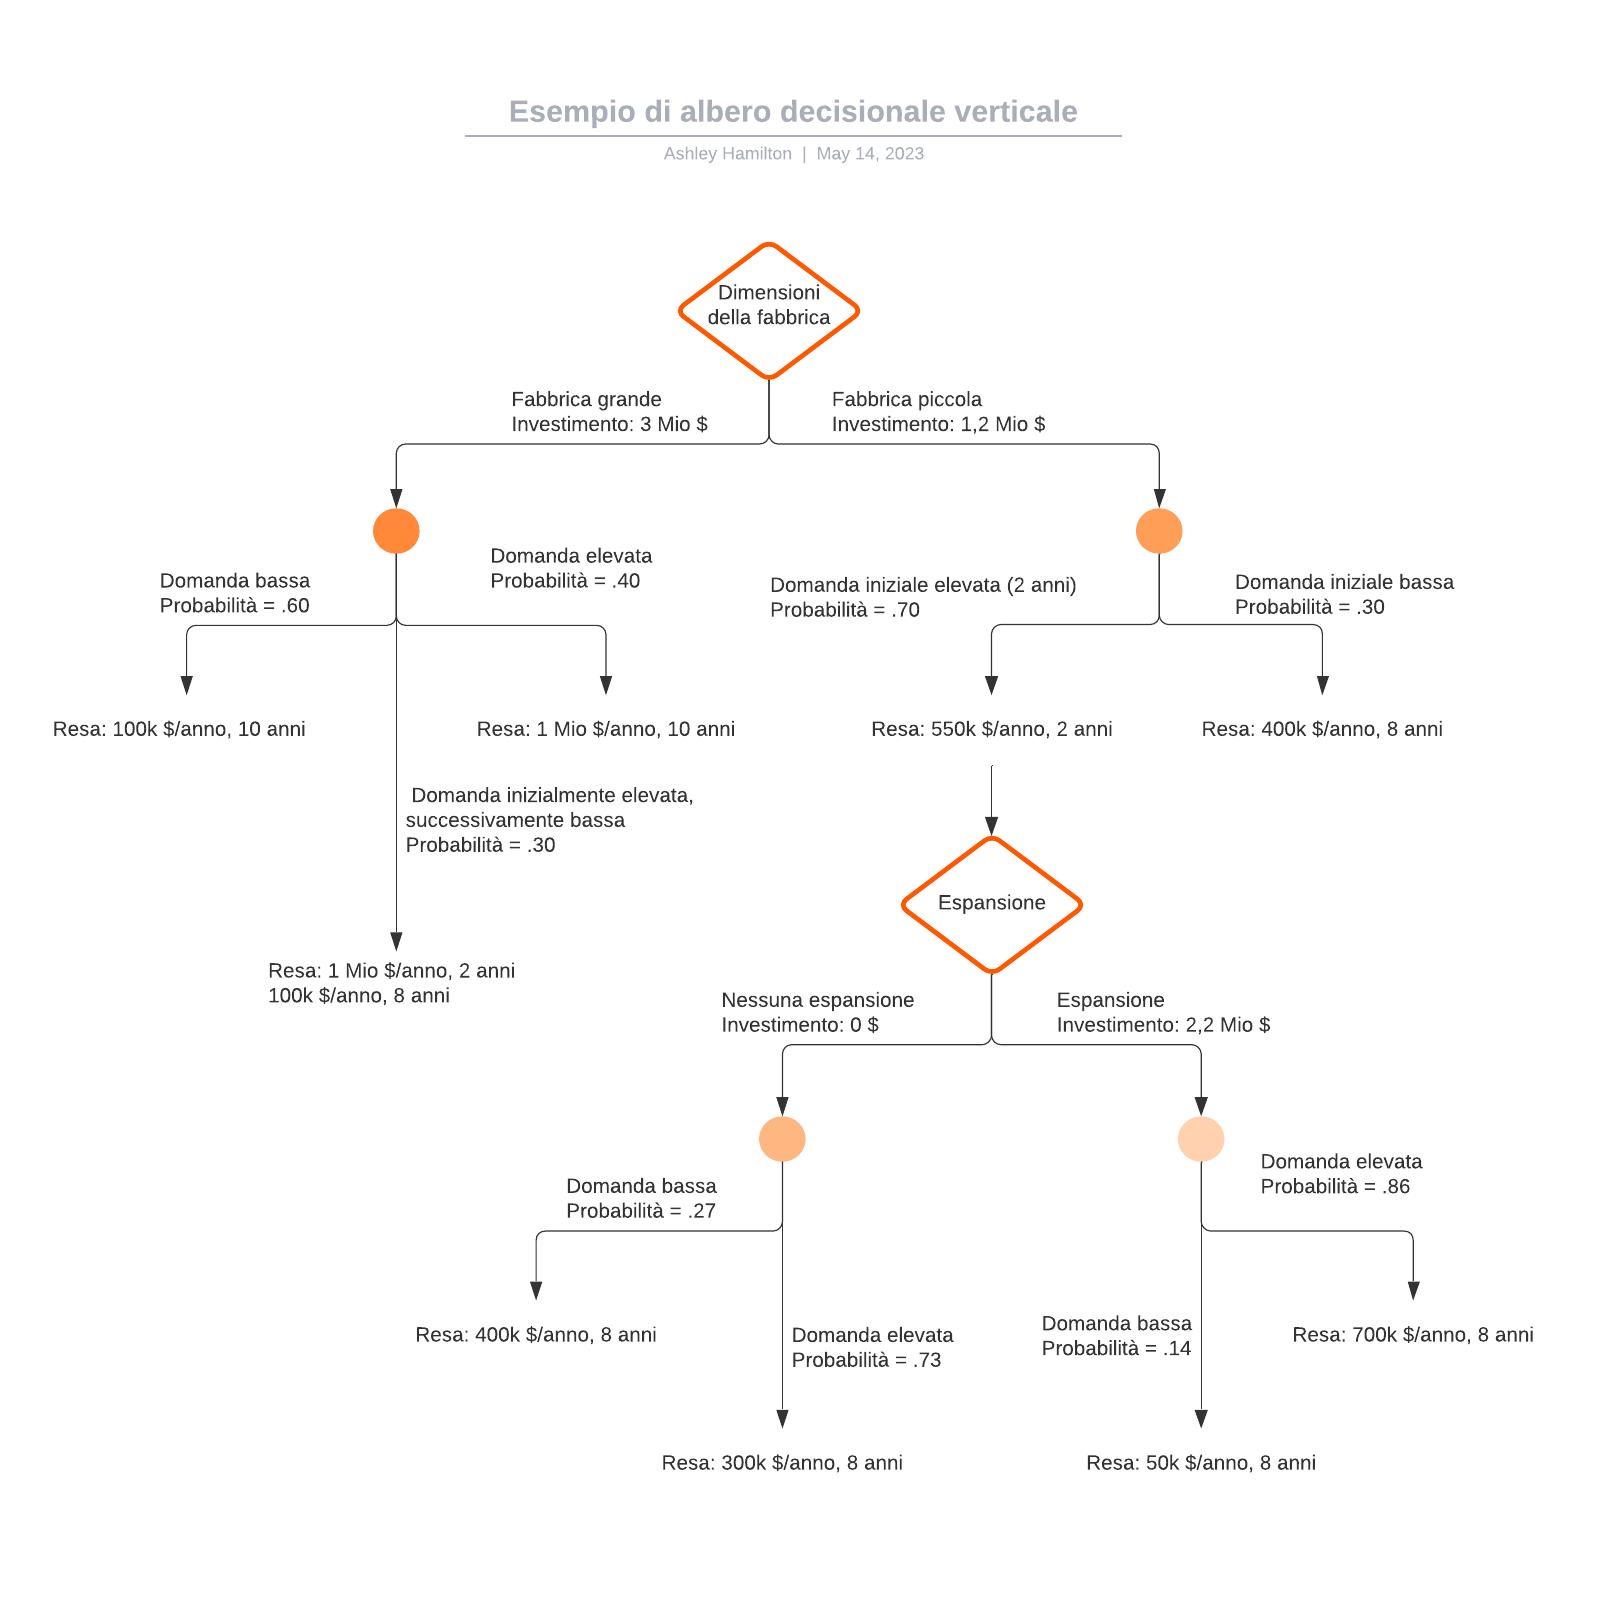 Esempio di albero decisionale verticale